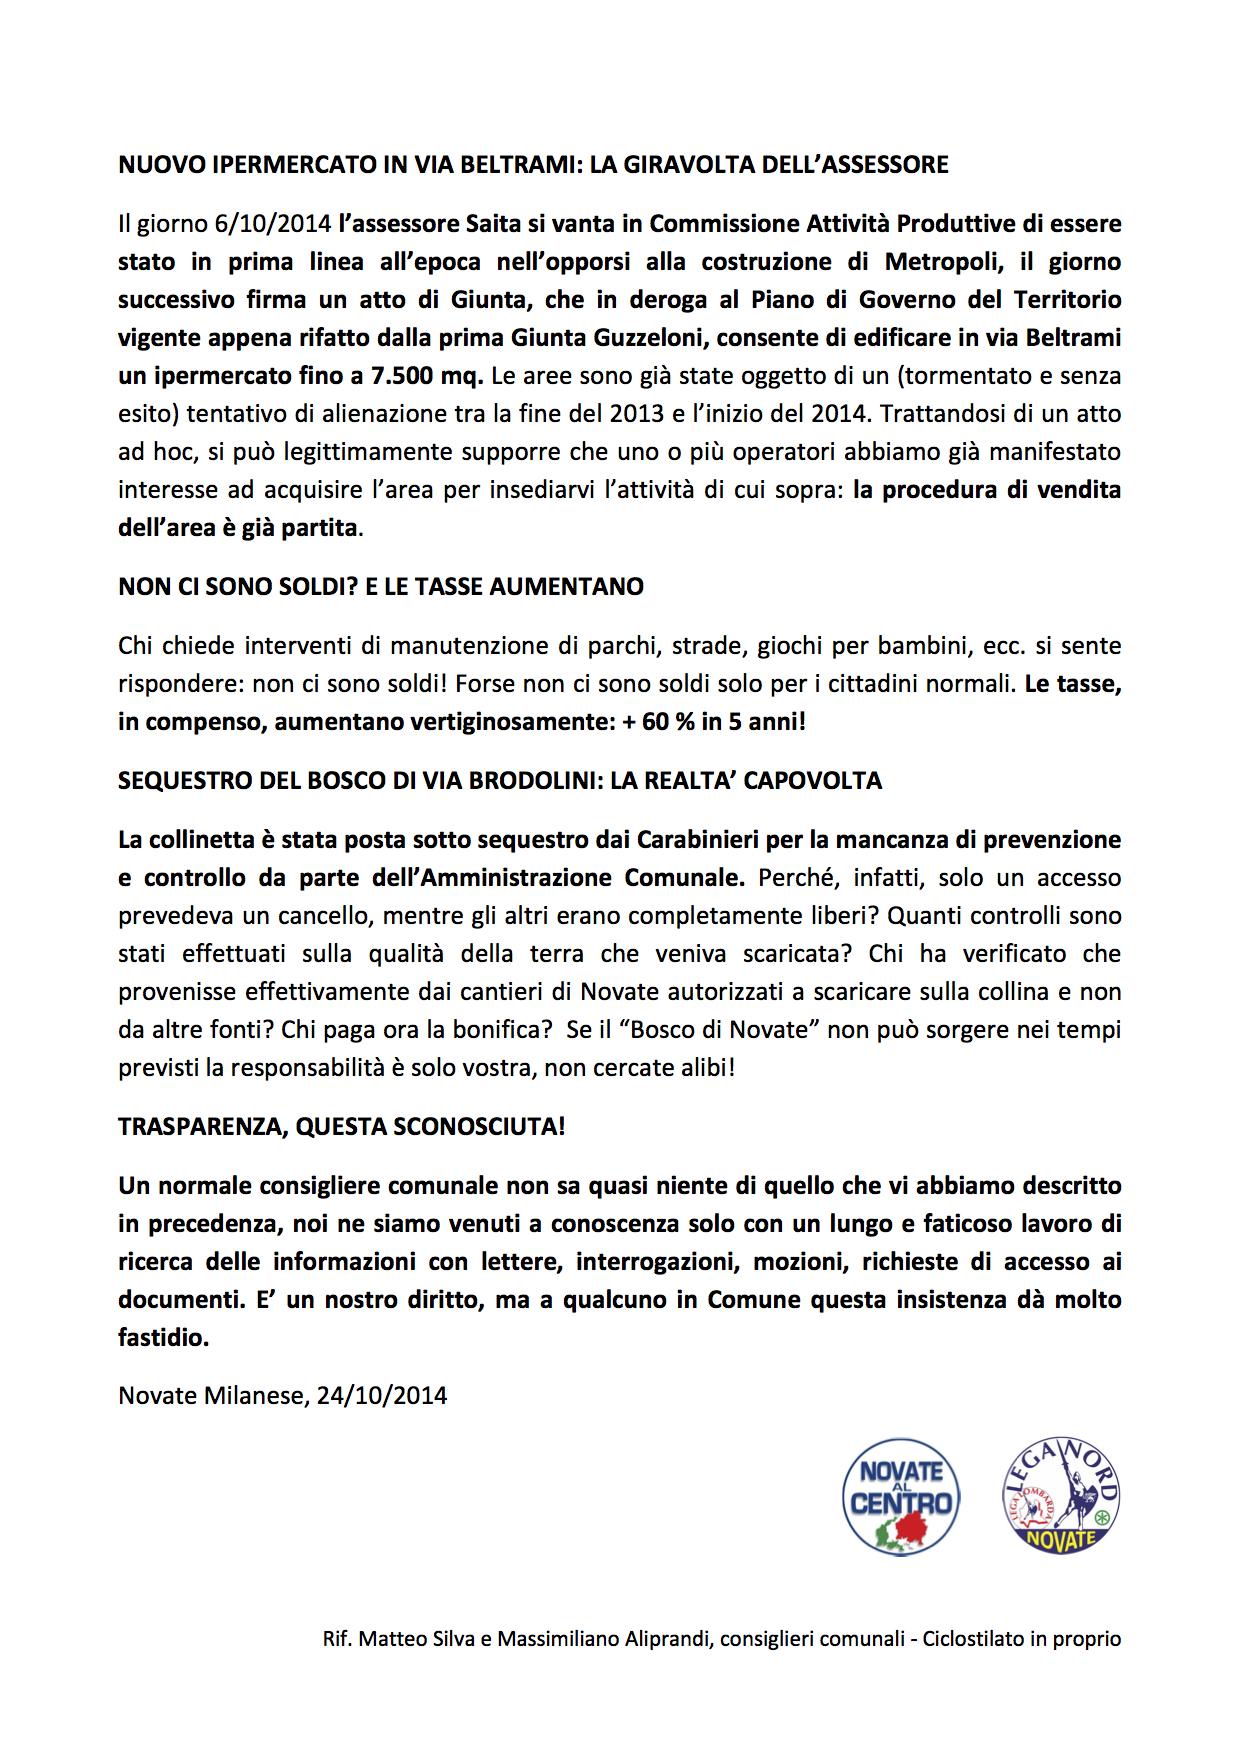 Centro Poli Novate.Novate Al Centro Lista Civica Per Novate Milanese